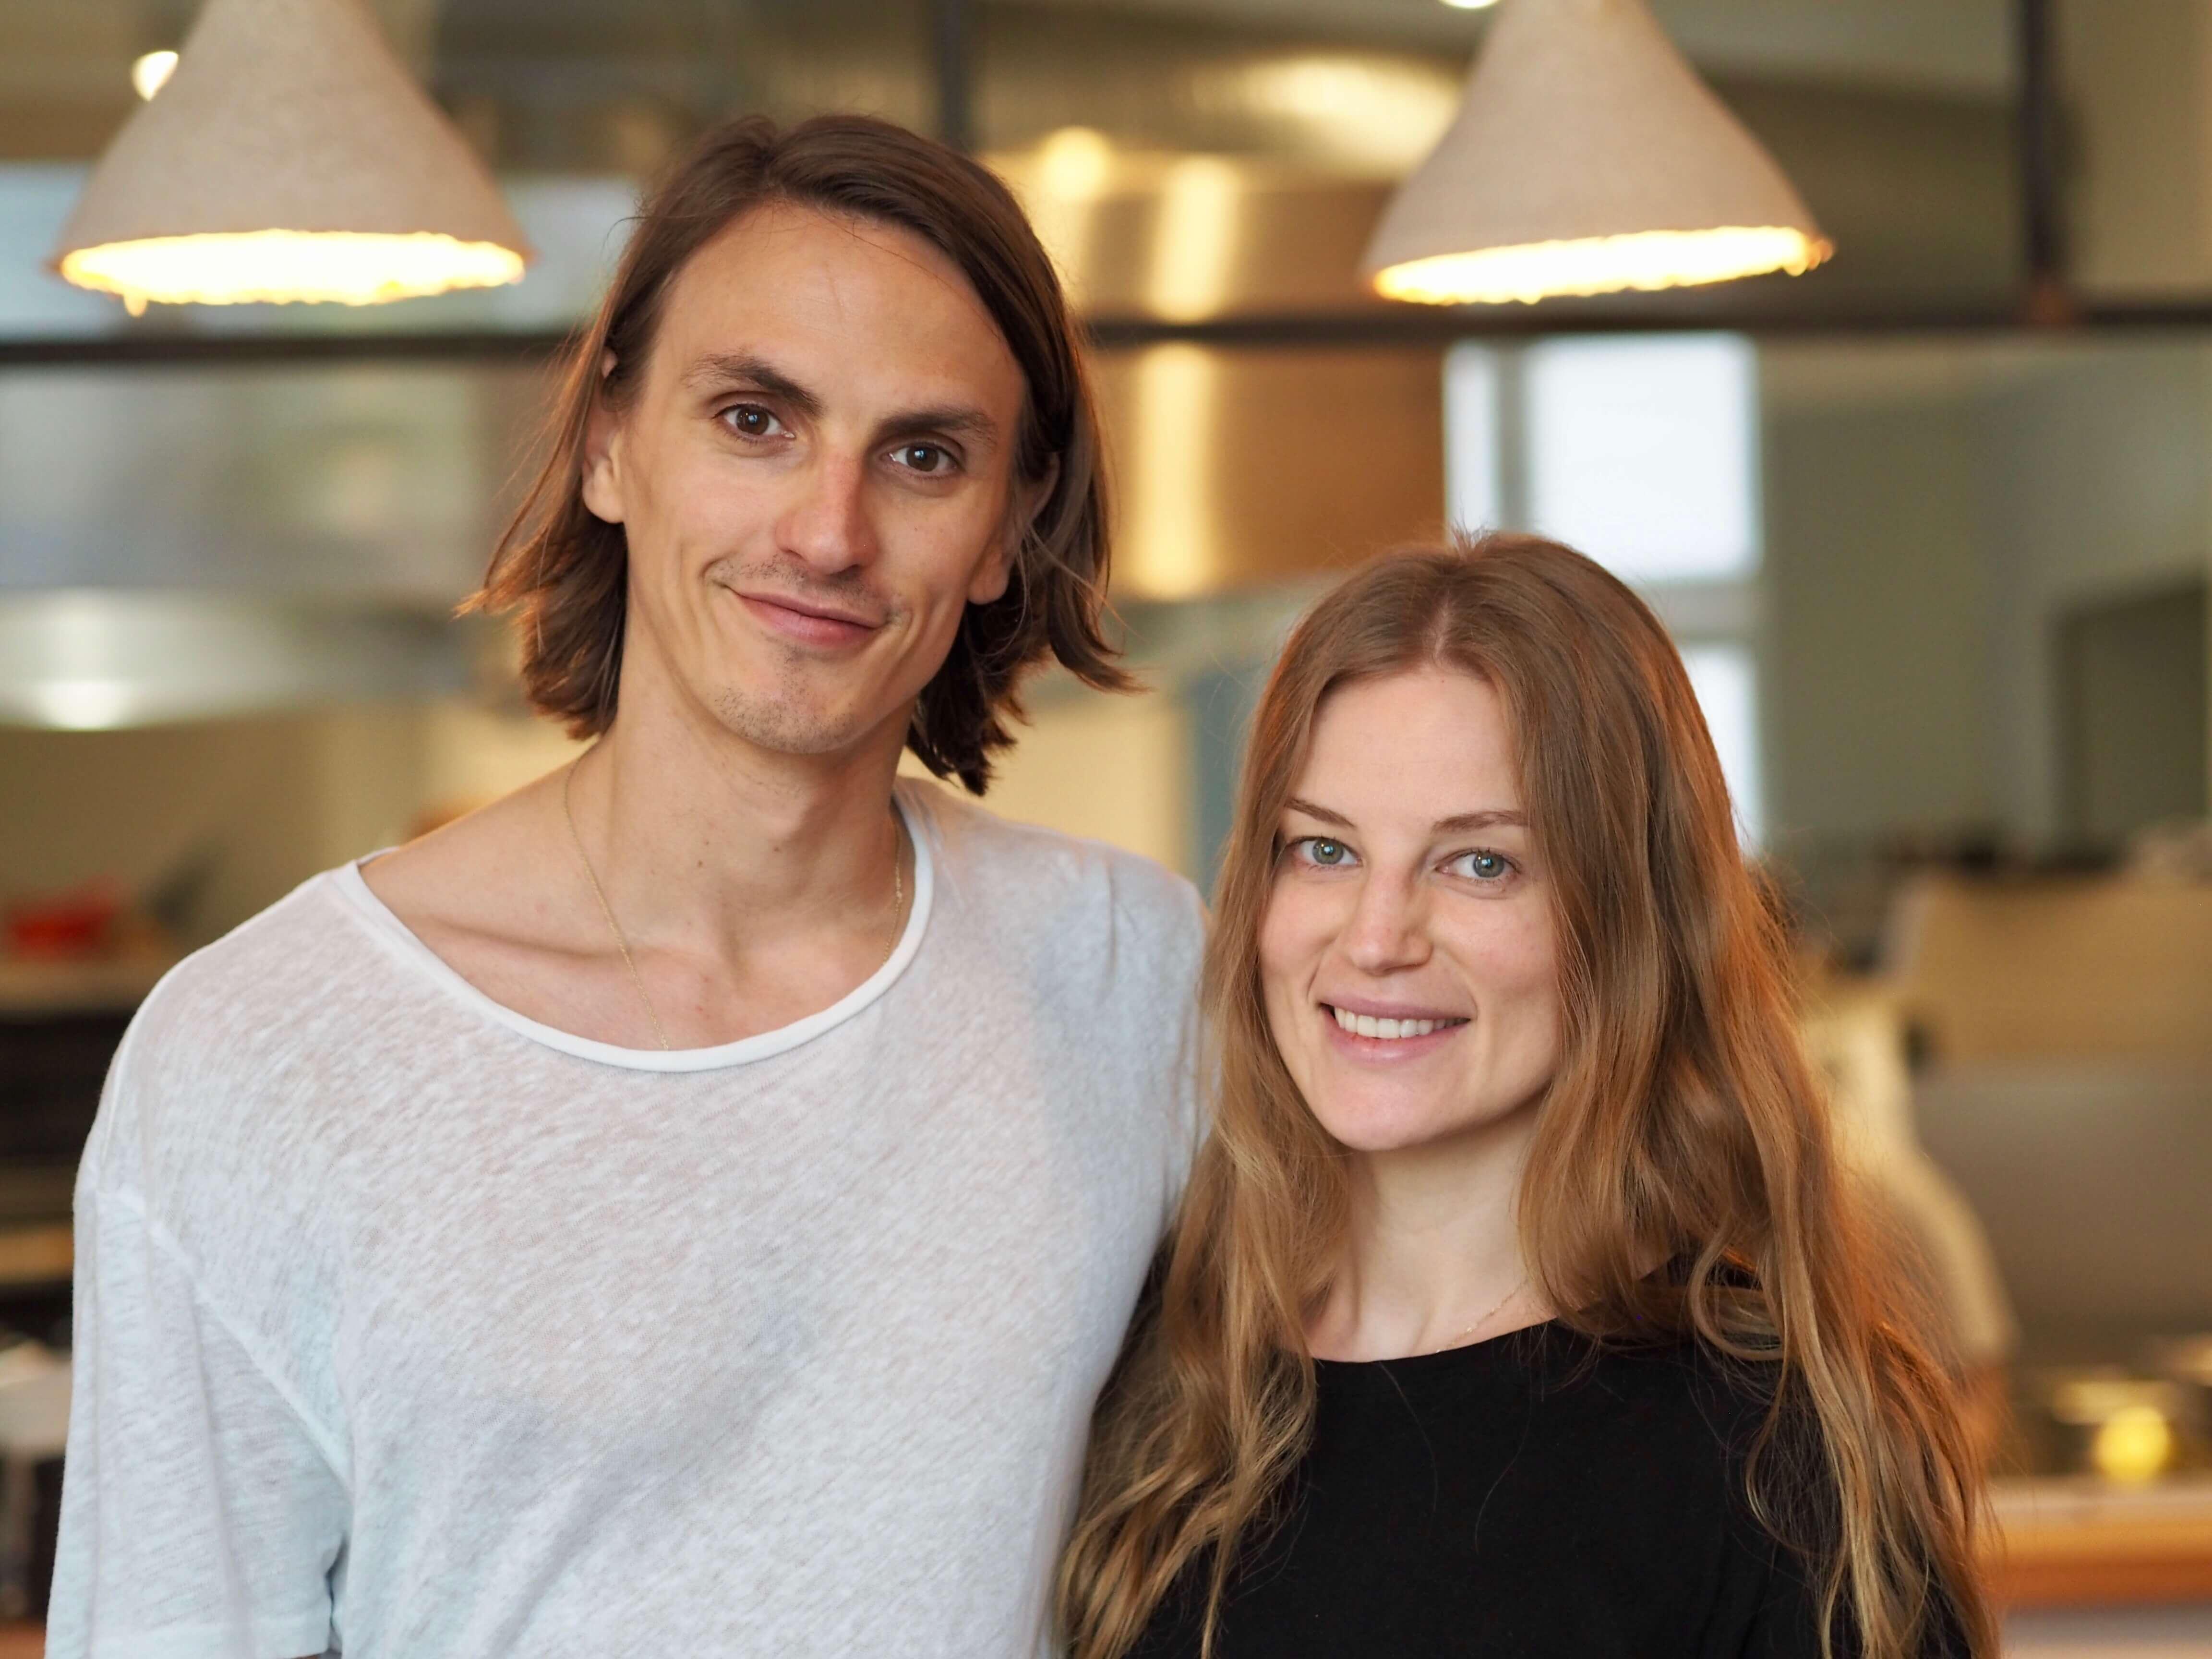 frea berlin zero waste restaurant david suchy jasmin